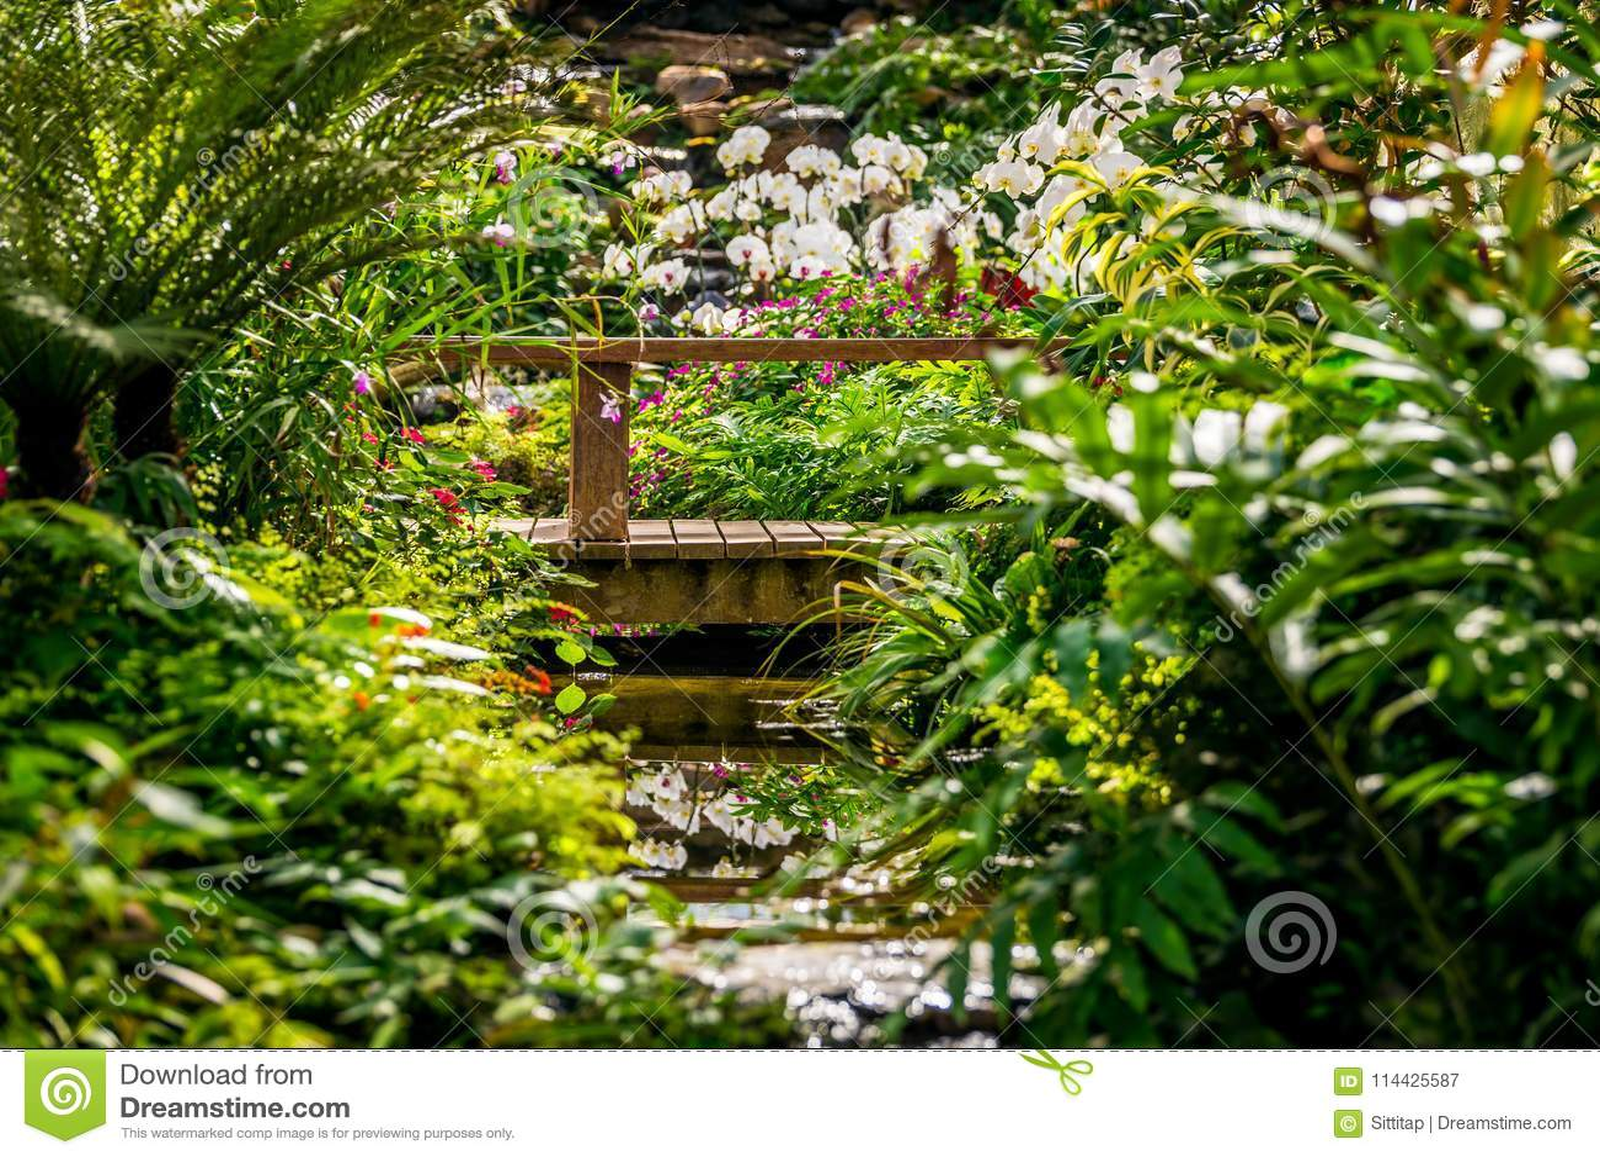 Selva tropical de imitación del jardín de la orquídea